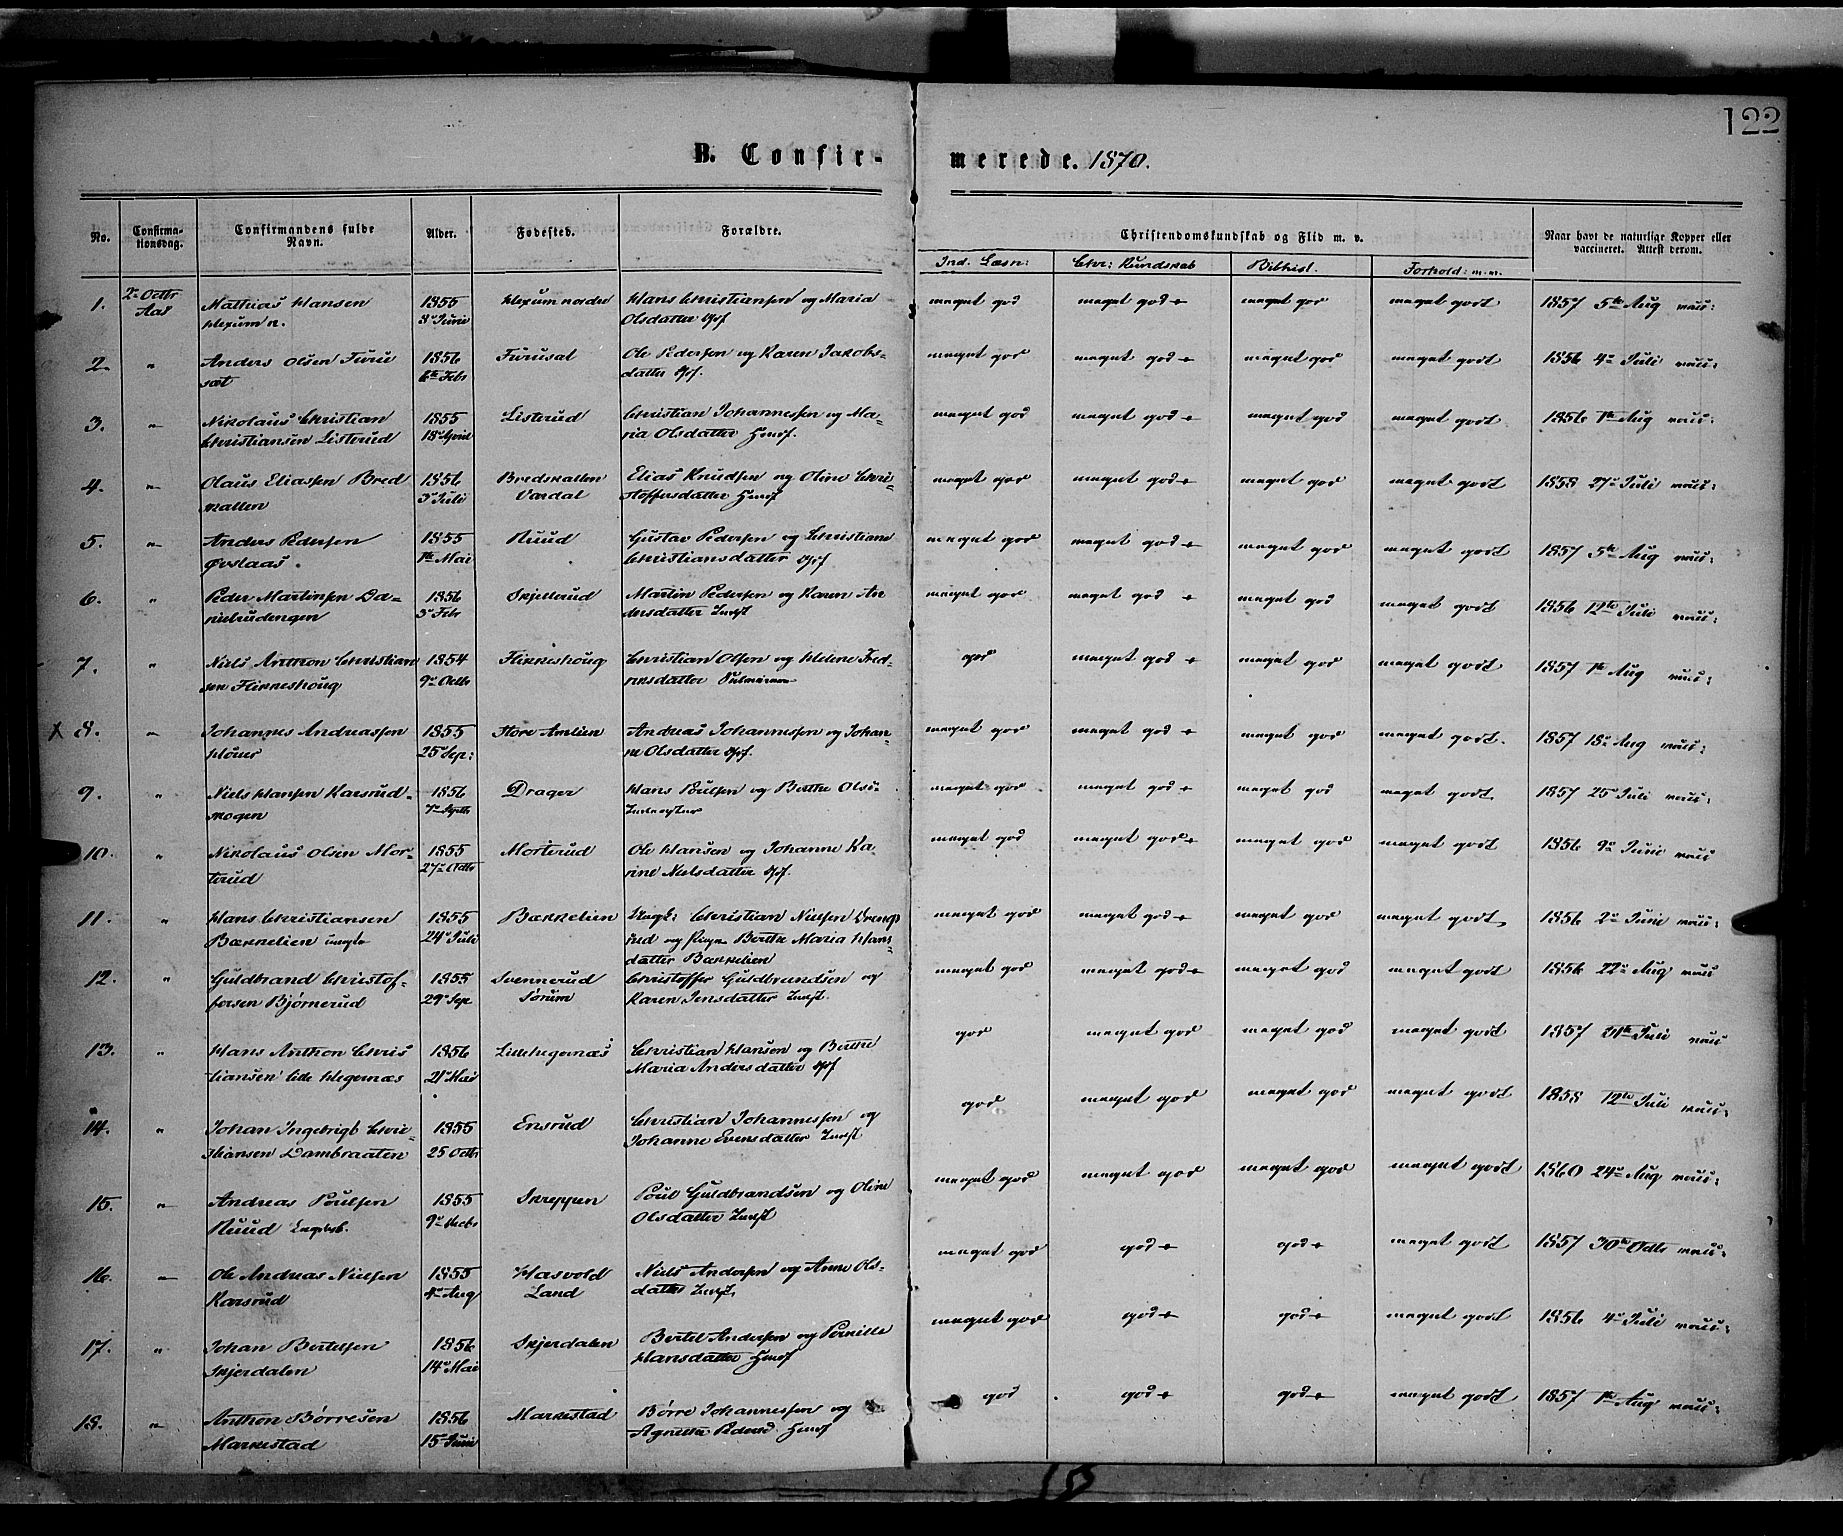 SAH, Vestre Toten prestekontor, Ministerialbok nr. 8, 1870-1877, s. 122